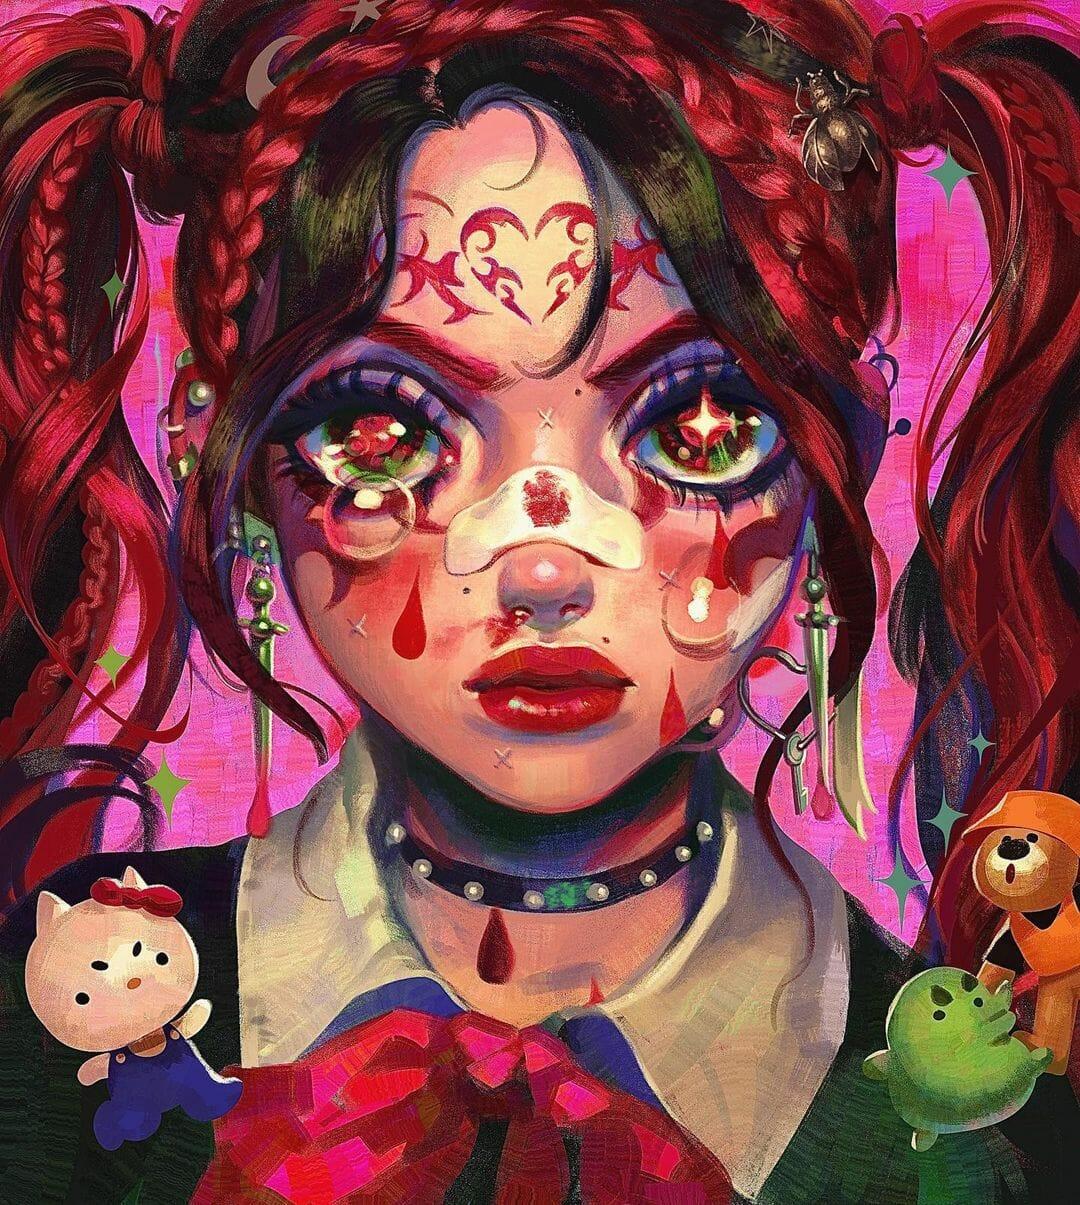 Illustration type manga d'une jeune fille au visage blessé.